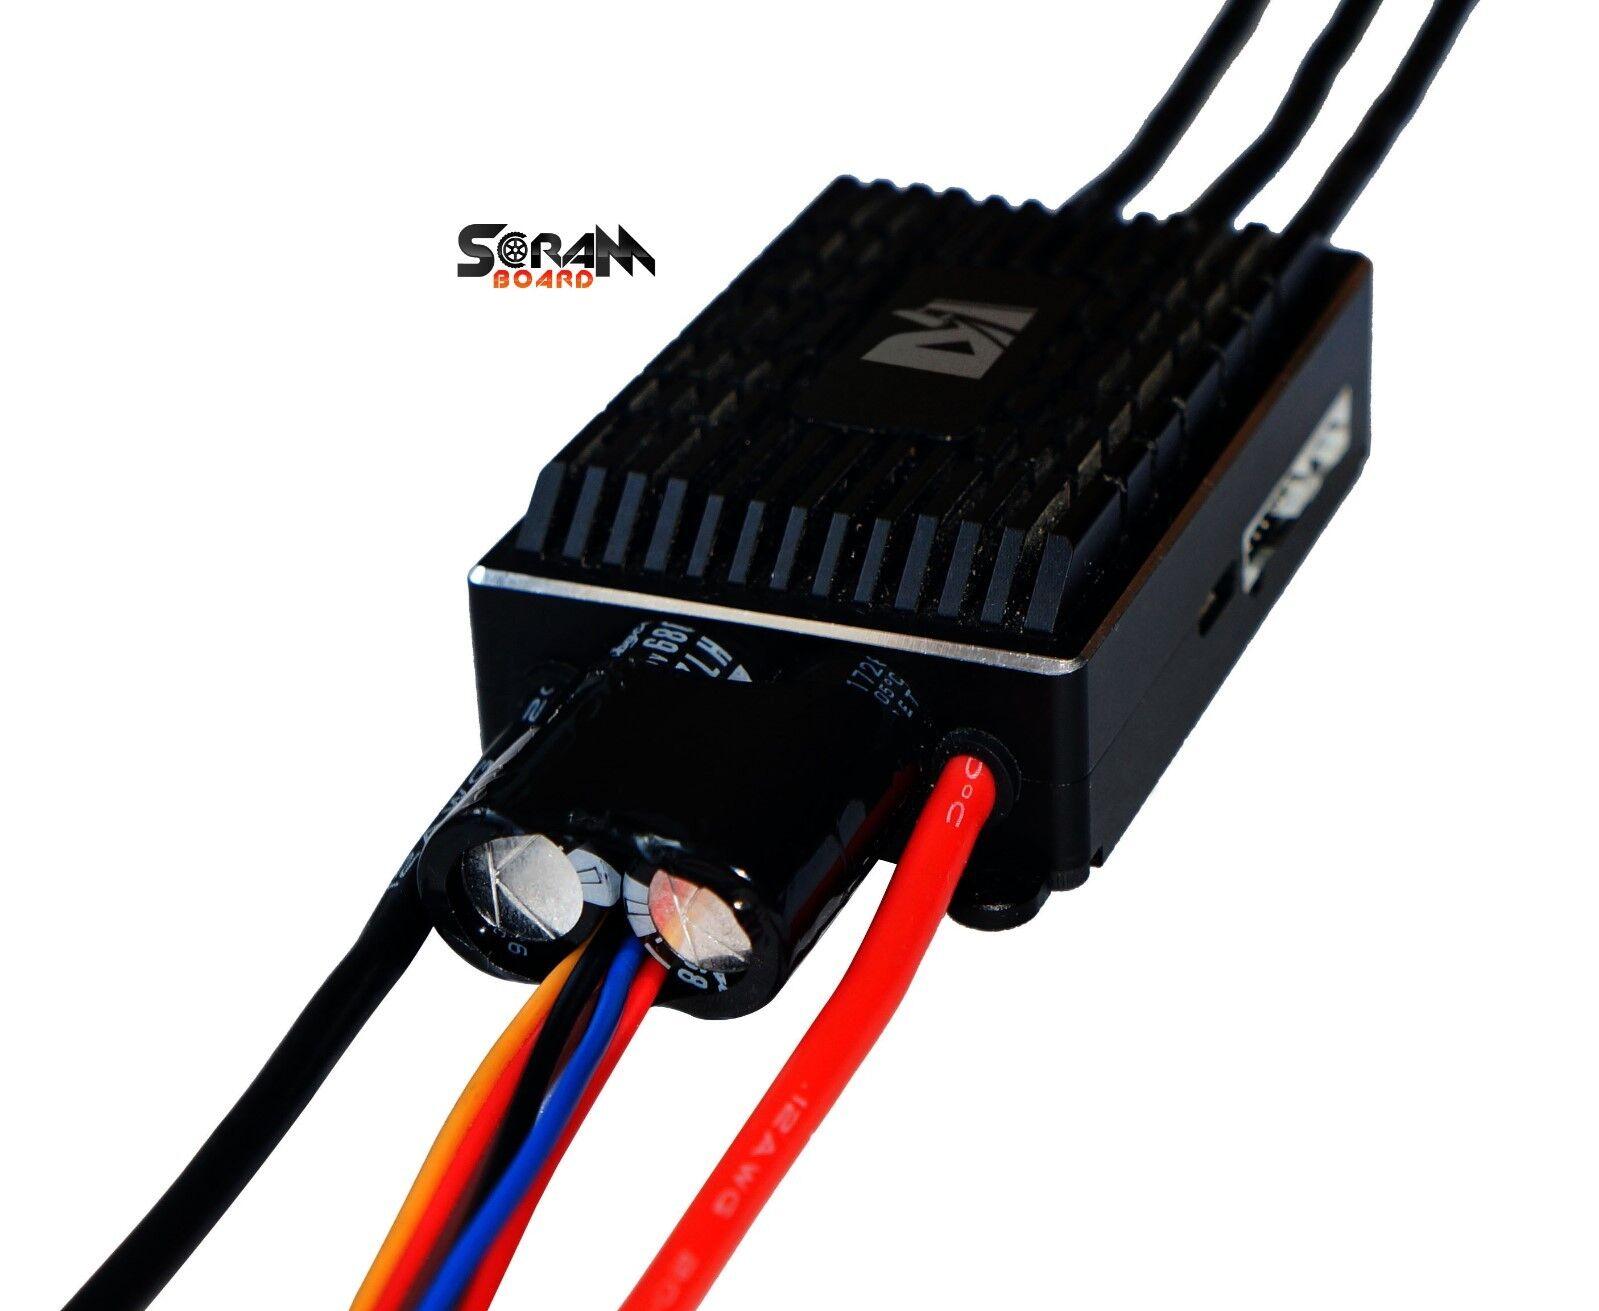 Alta Potencia ESC controlador basado upon VESC ® el proyecto de código abierto